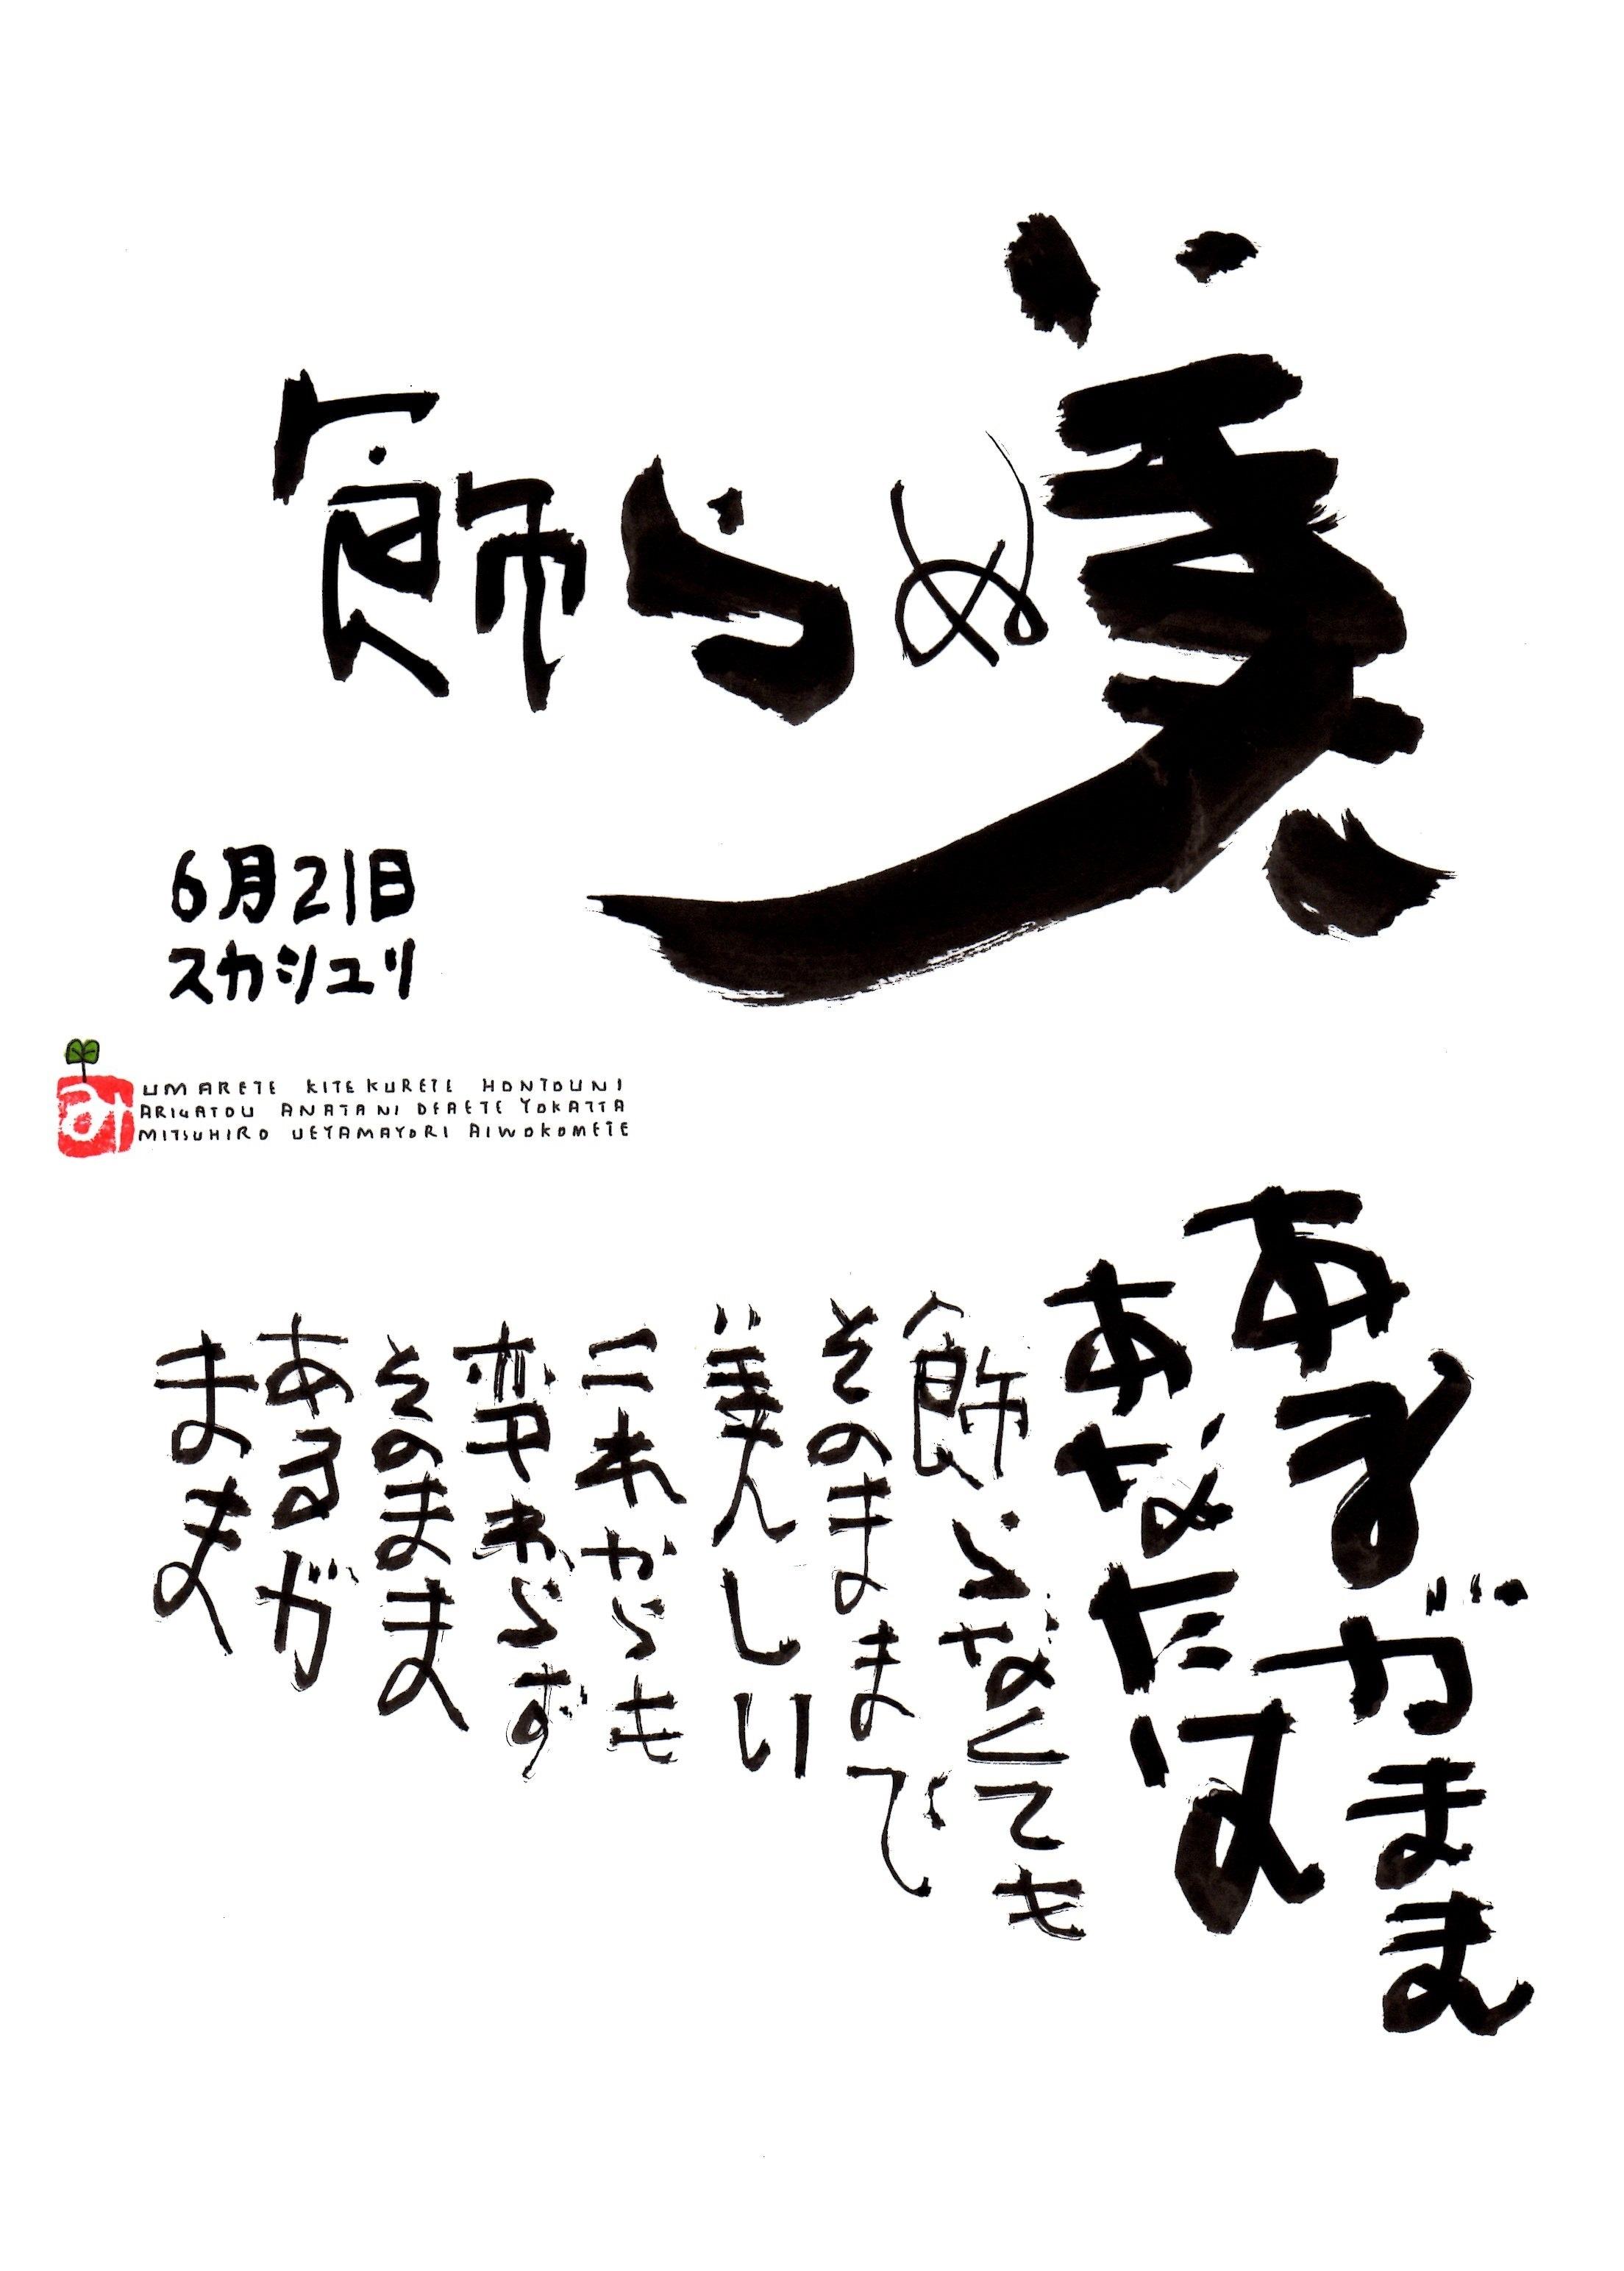 6月21日 誕生日ポストカード【飾らぬ美】Unadorned beauty